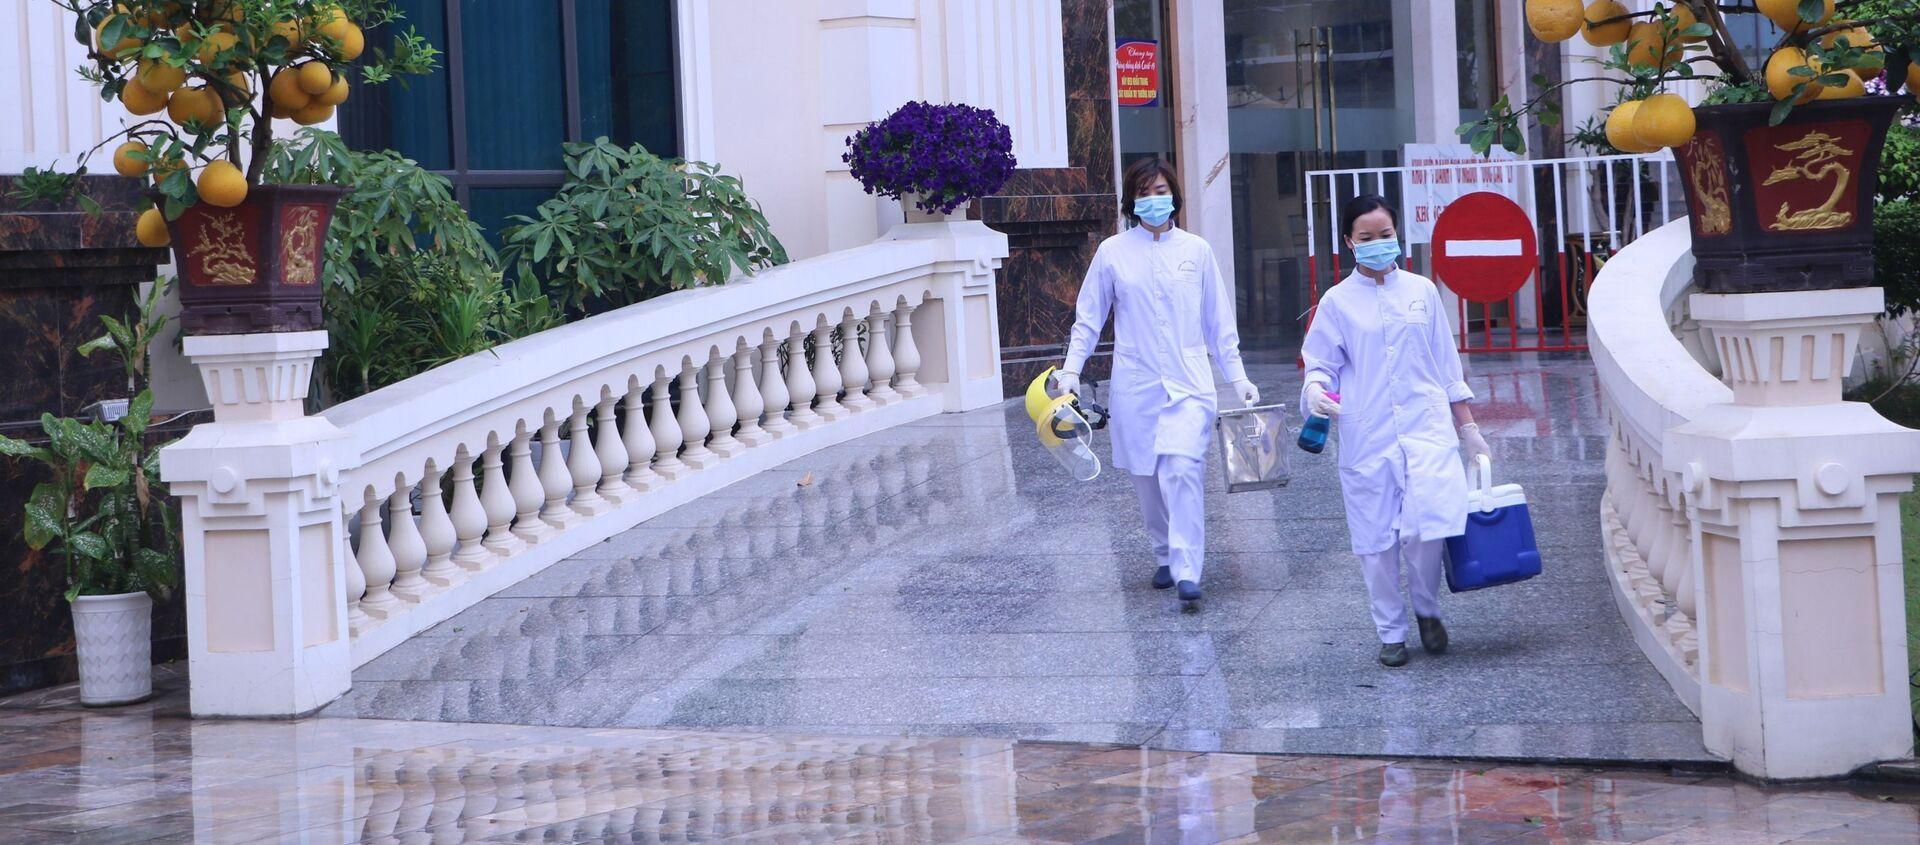 Cán bộ Trung tâm Y tế dự phòng Hải Phòng tiếp tục đến các điểm cách ly y tế lấy mẫu xét nghiệm cho các chuyên gia - Sputnik Việt Nam, 1920, 14.04.2021